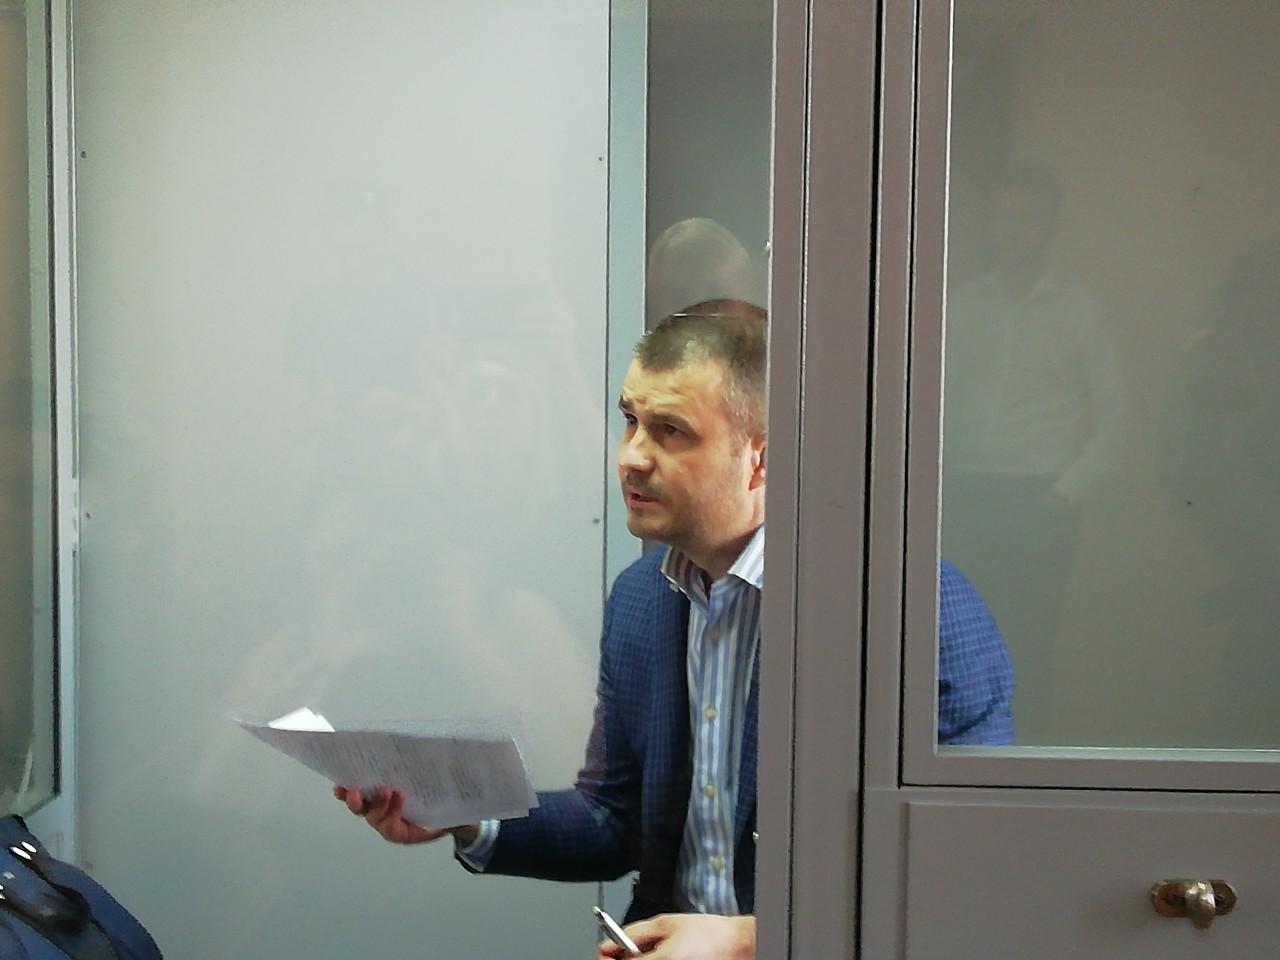 Депутату Ярославу Бублику продовжили термін тримання під вартою (ФОТО)